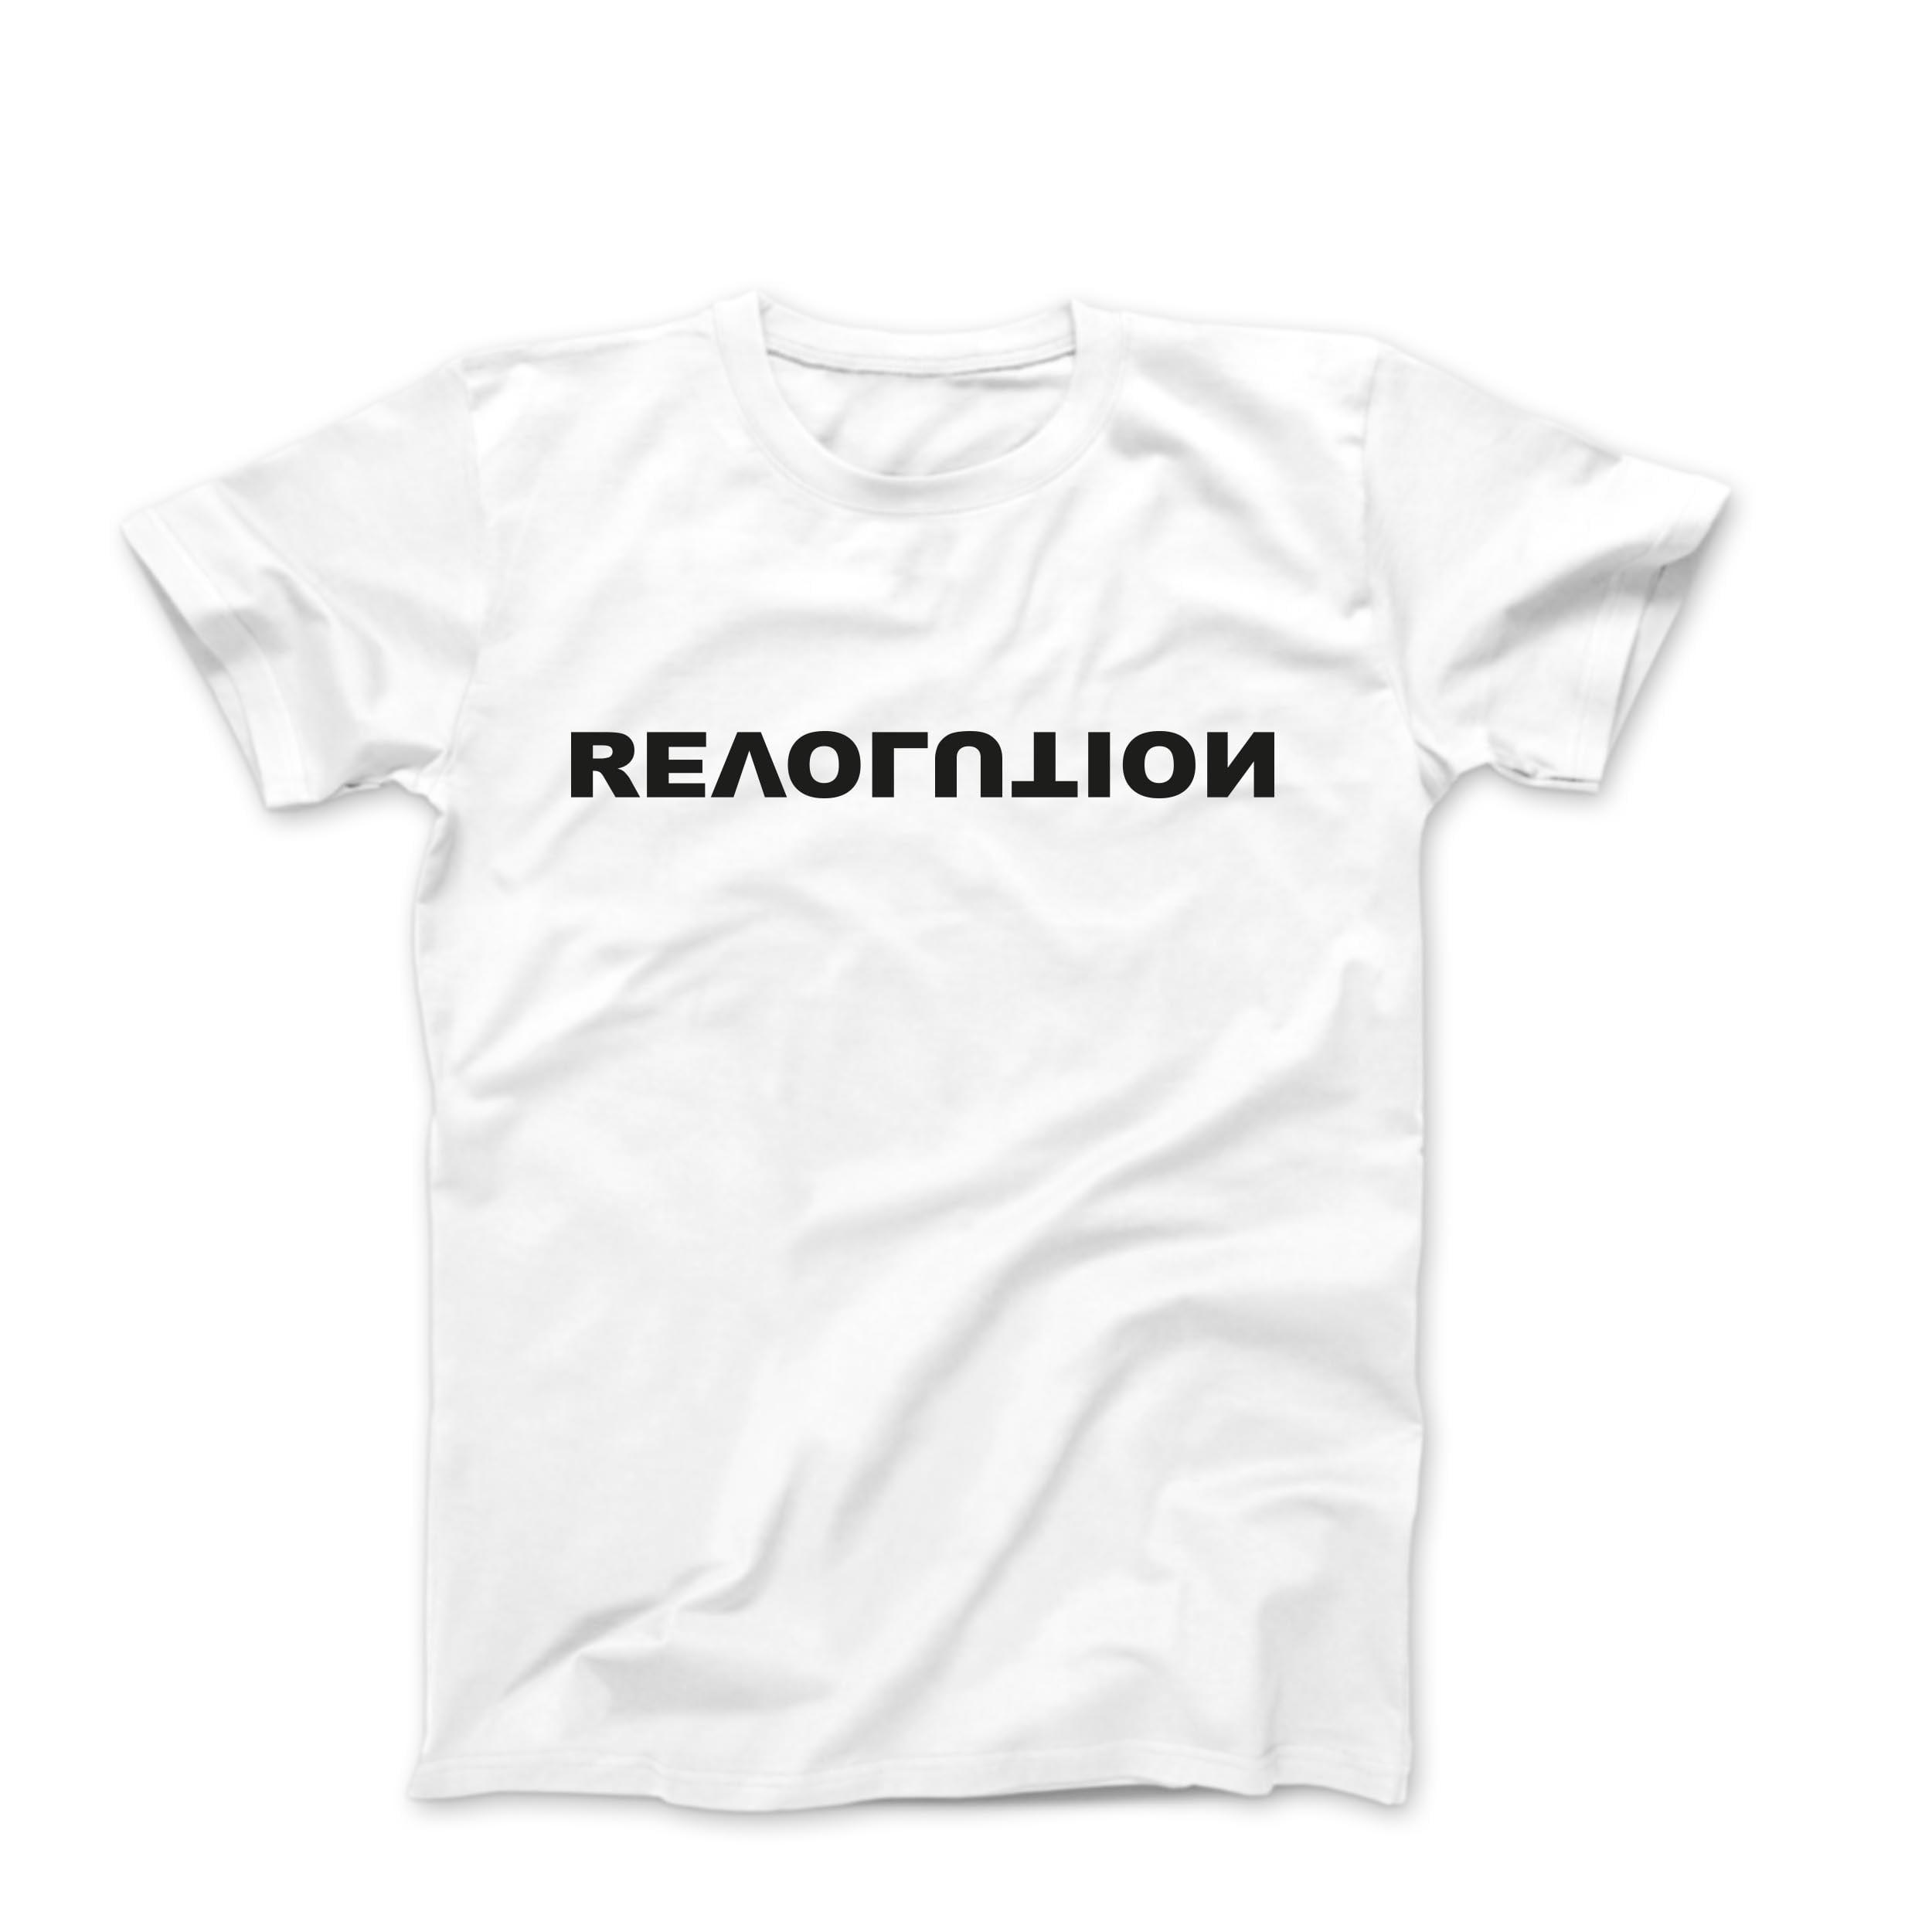 חולצת טי שירט revolution